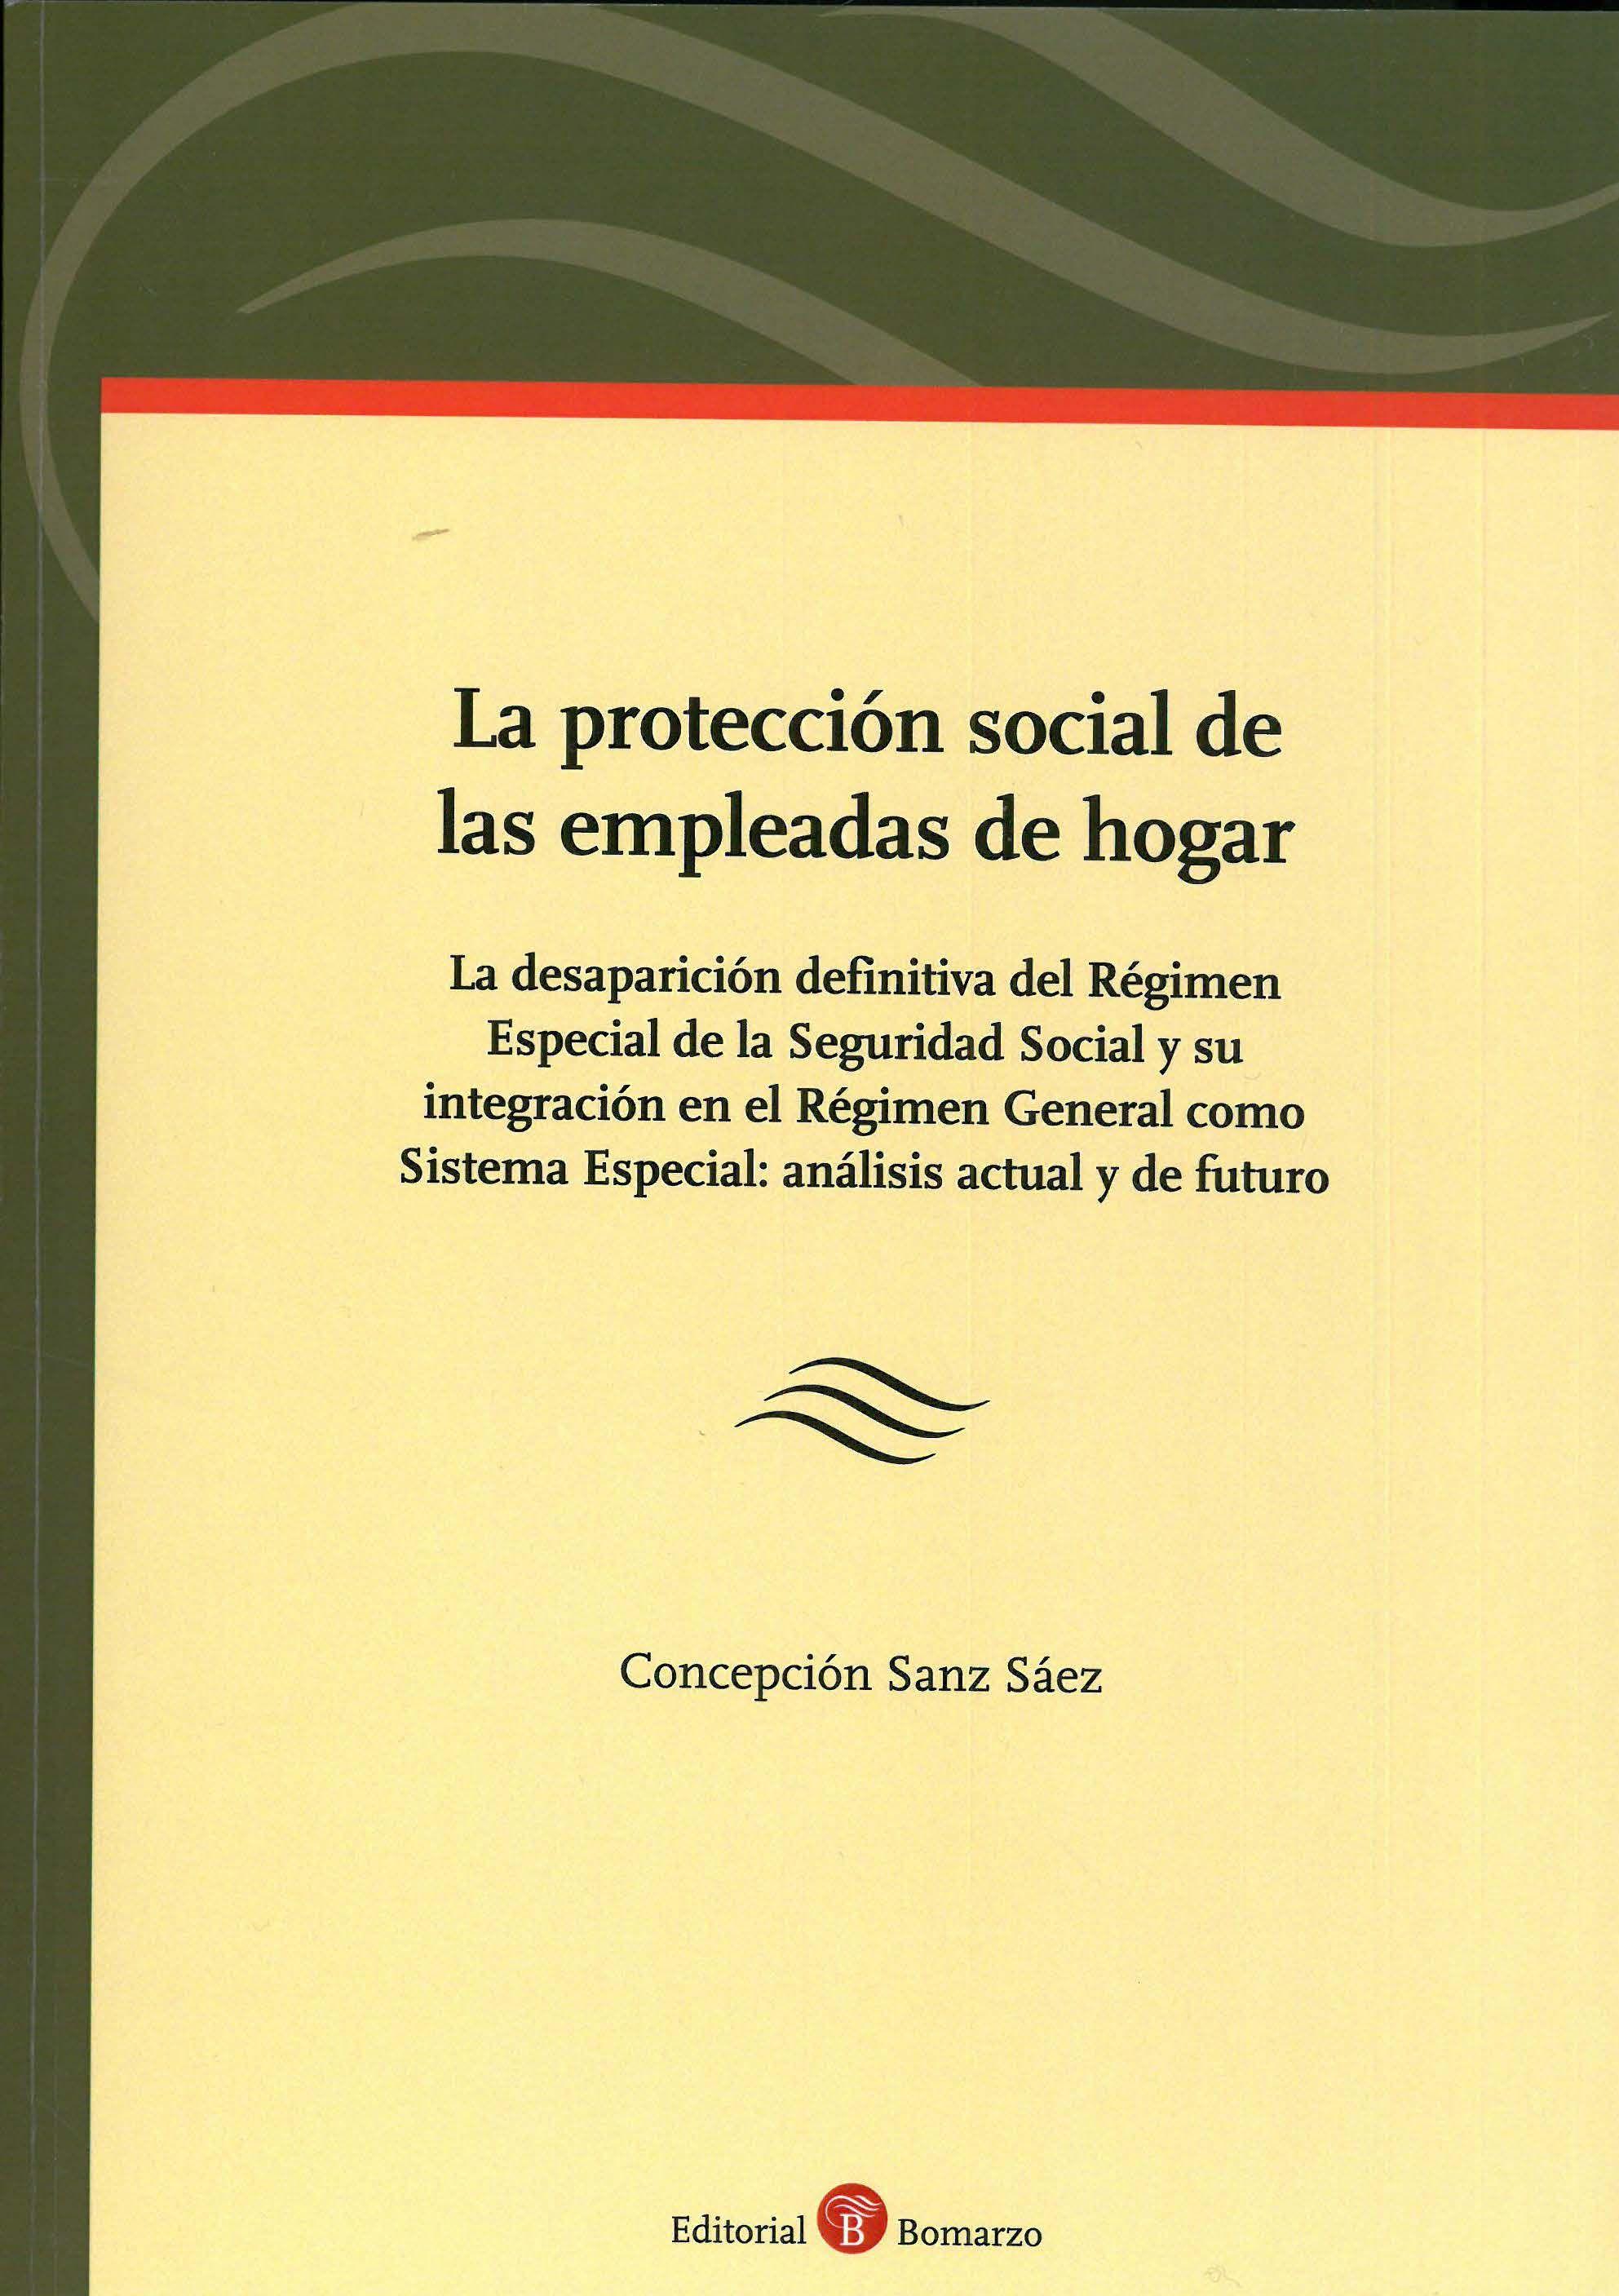 La Protección Social De Las Empleadas De Hogar La Desaparición Definitiva Del Régimen Especial De La Seguridad Socia Seguridad Social Socialismo Desaparicion